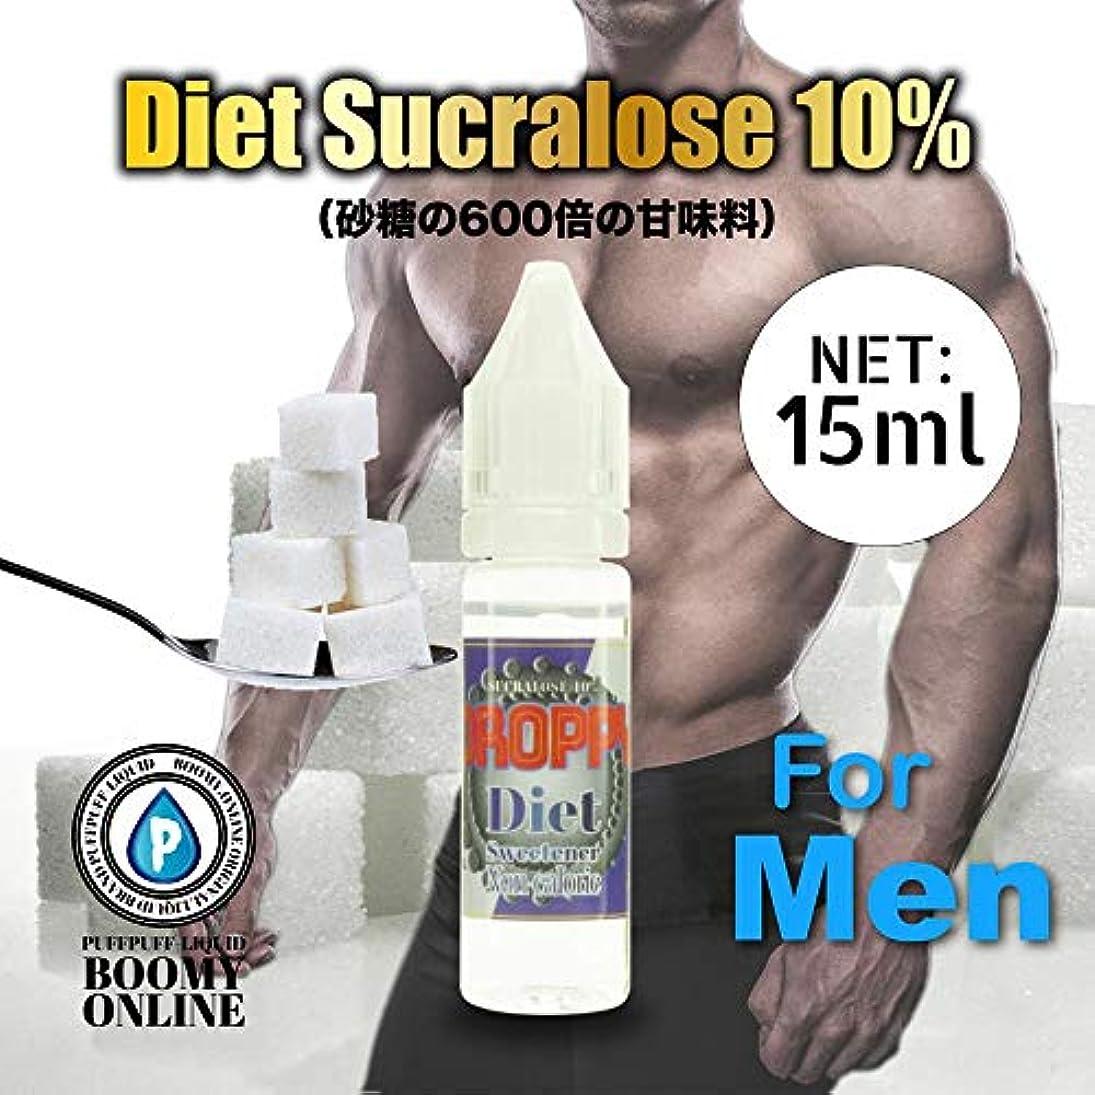 害虫面積吐く【BooMY-Original ダイエット スクラロース】〓PuffPuff-Liquid〓(1滴で砂糖約ティースプーン1杯の甘さ) DROPPY-0cal Diet For Men(ドロッピーダイエットスクラロース10%...